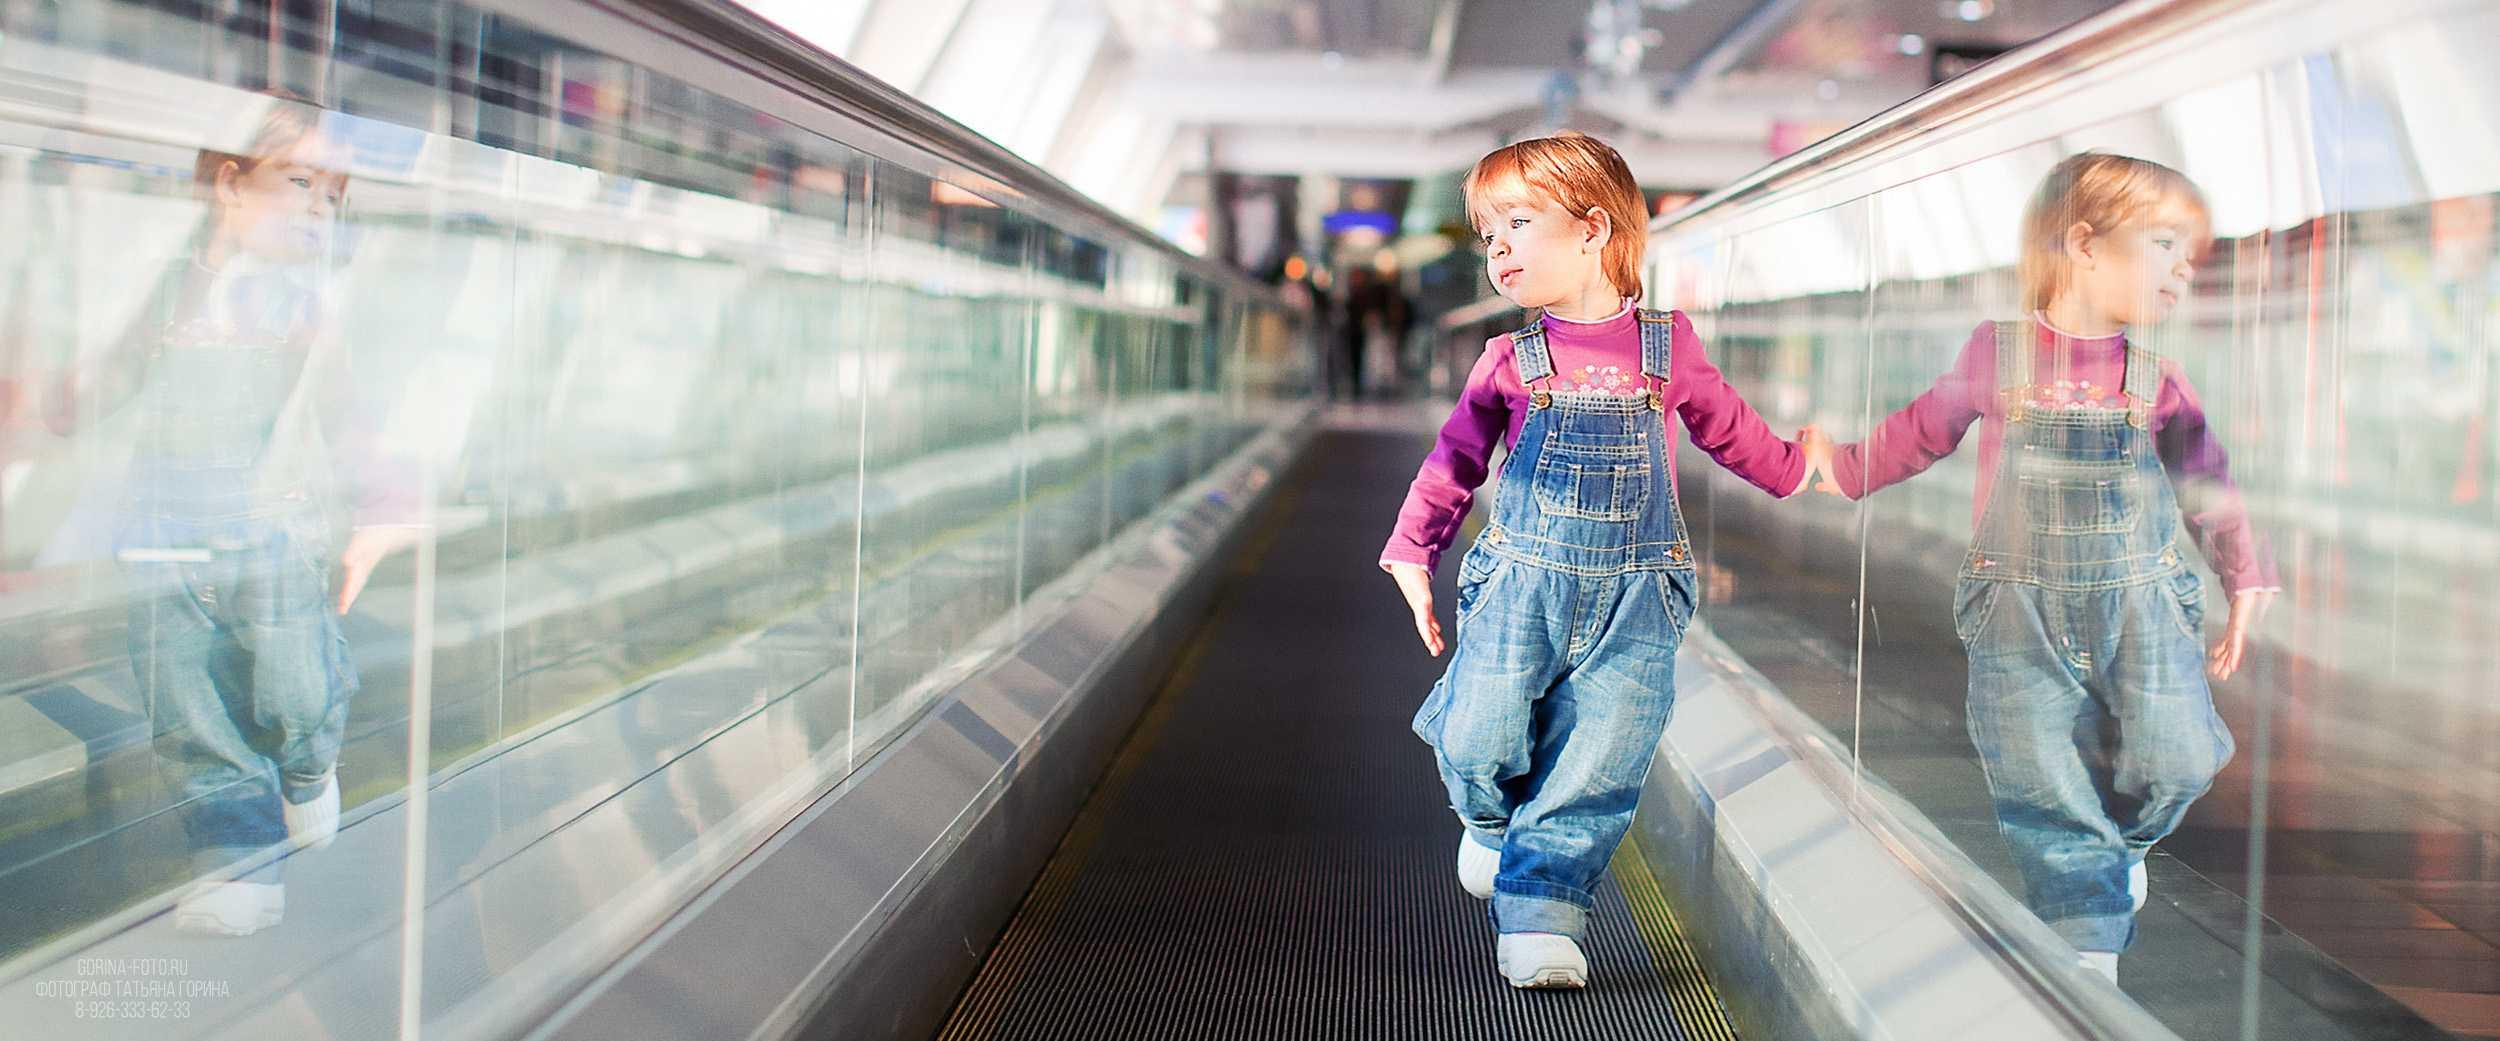 Детские фотосессии. Профессиональный фотограф Татьяна Горина.